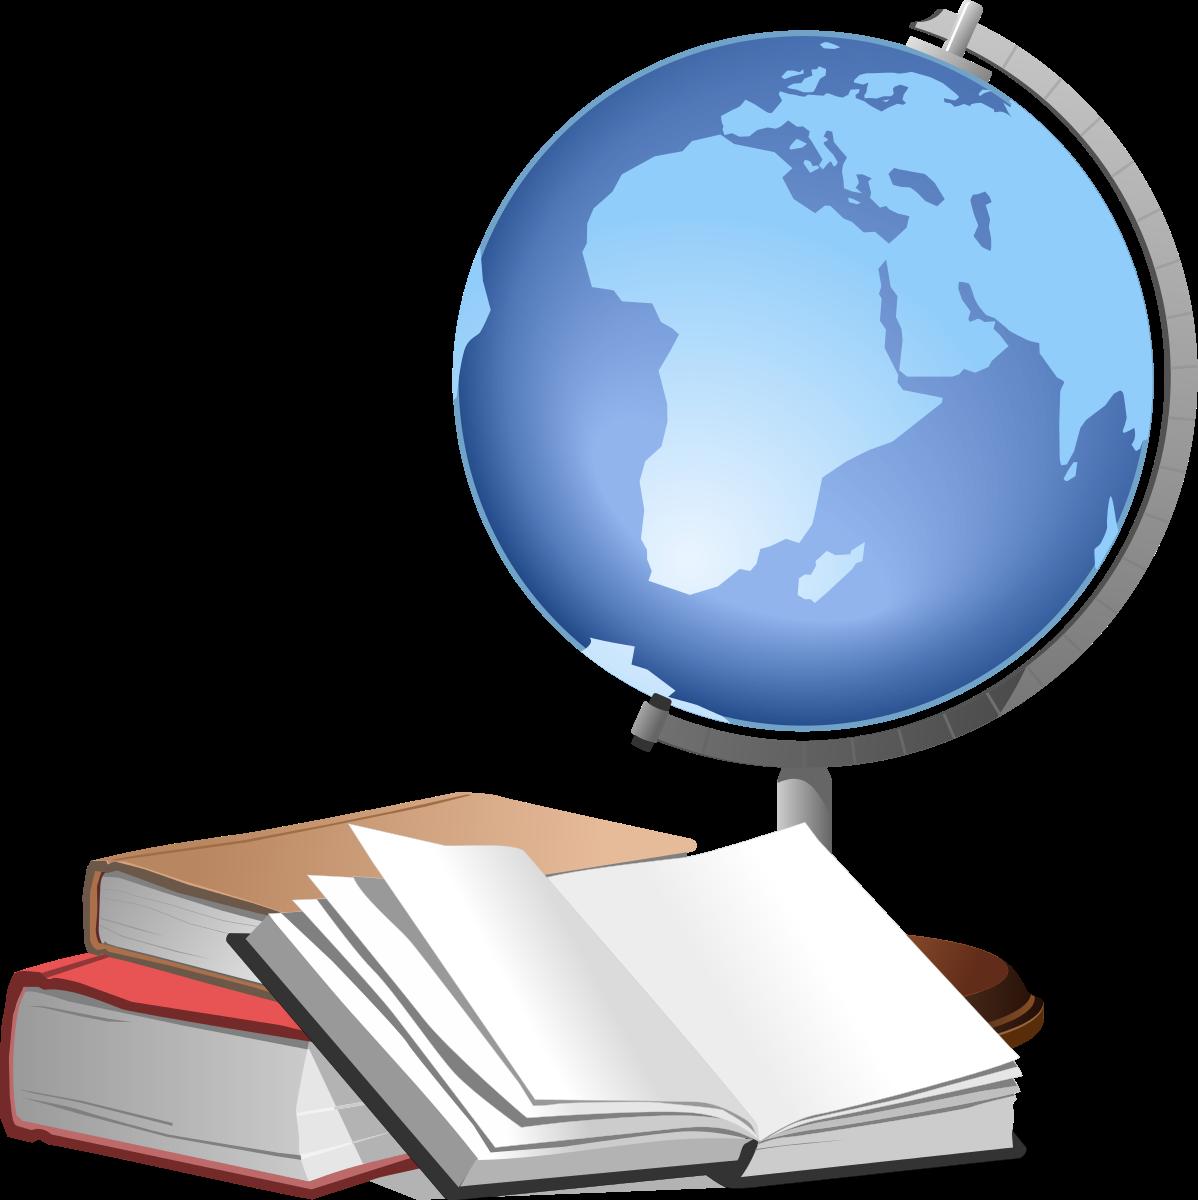 картинки глобус книги компьютер